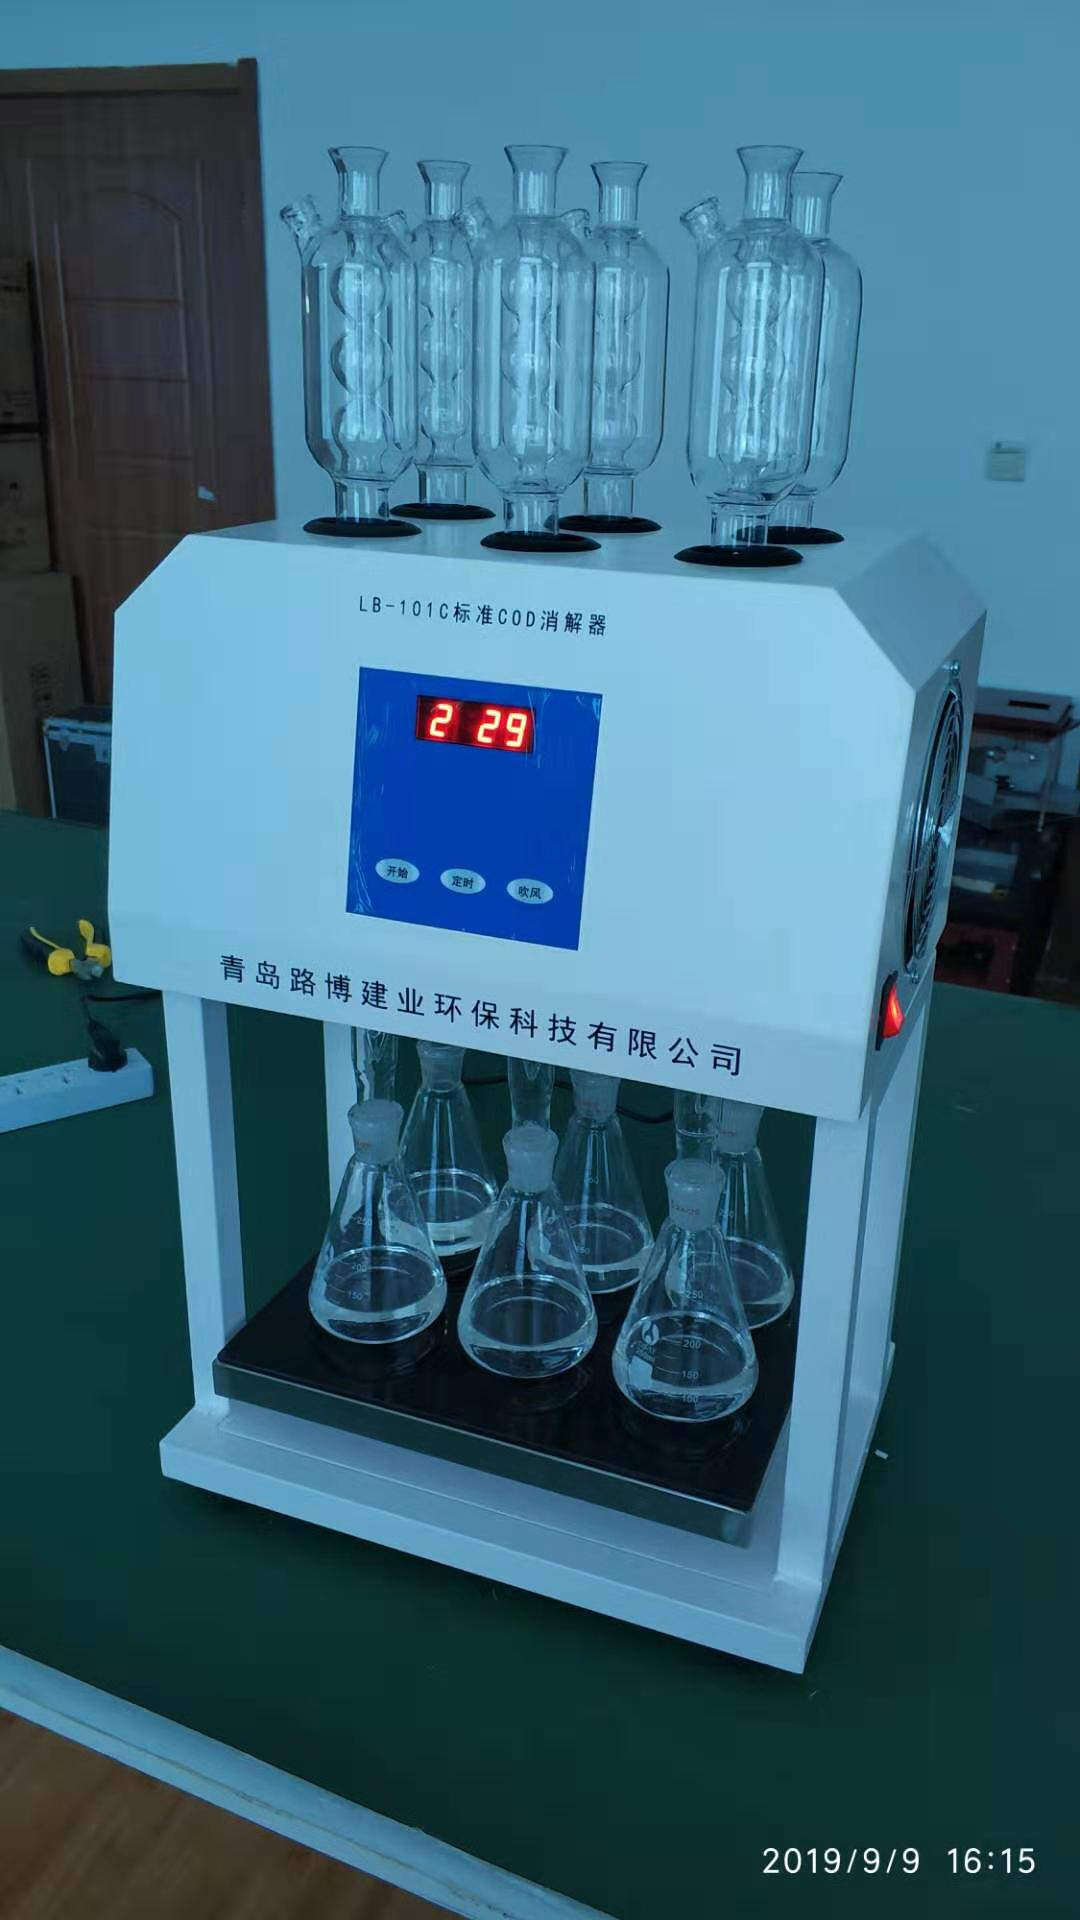 路博COD测定仪 LB-101C 微晶加热板